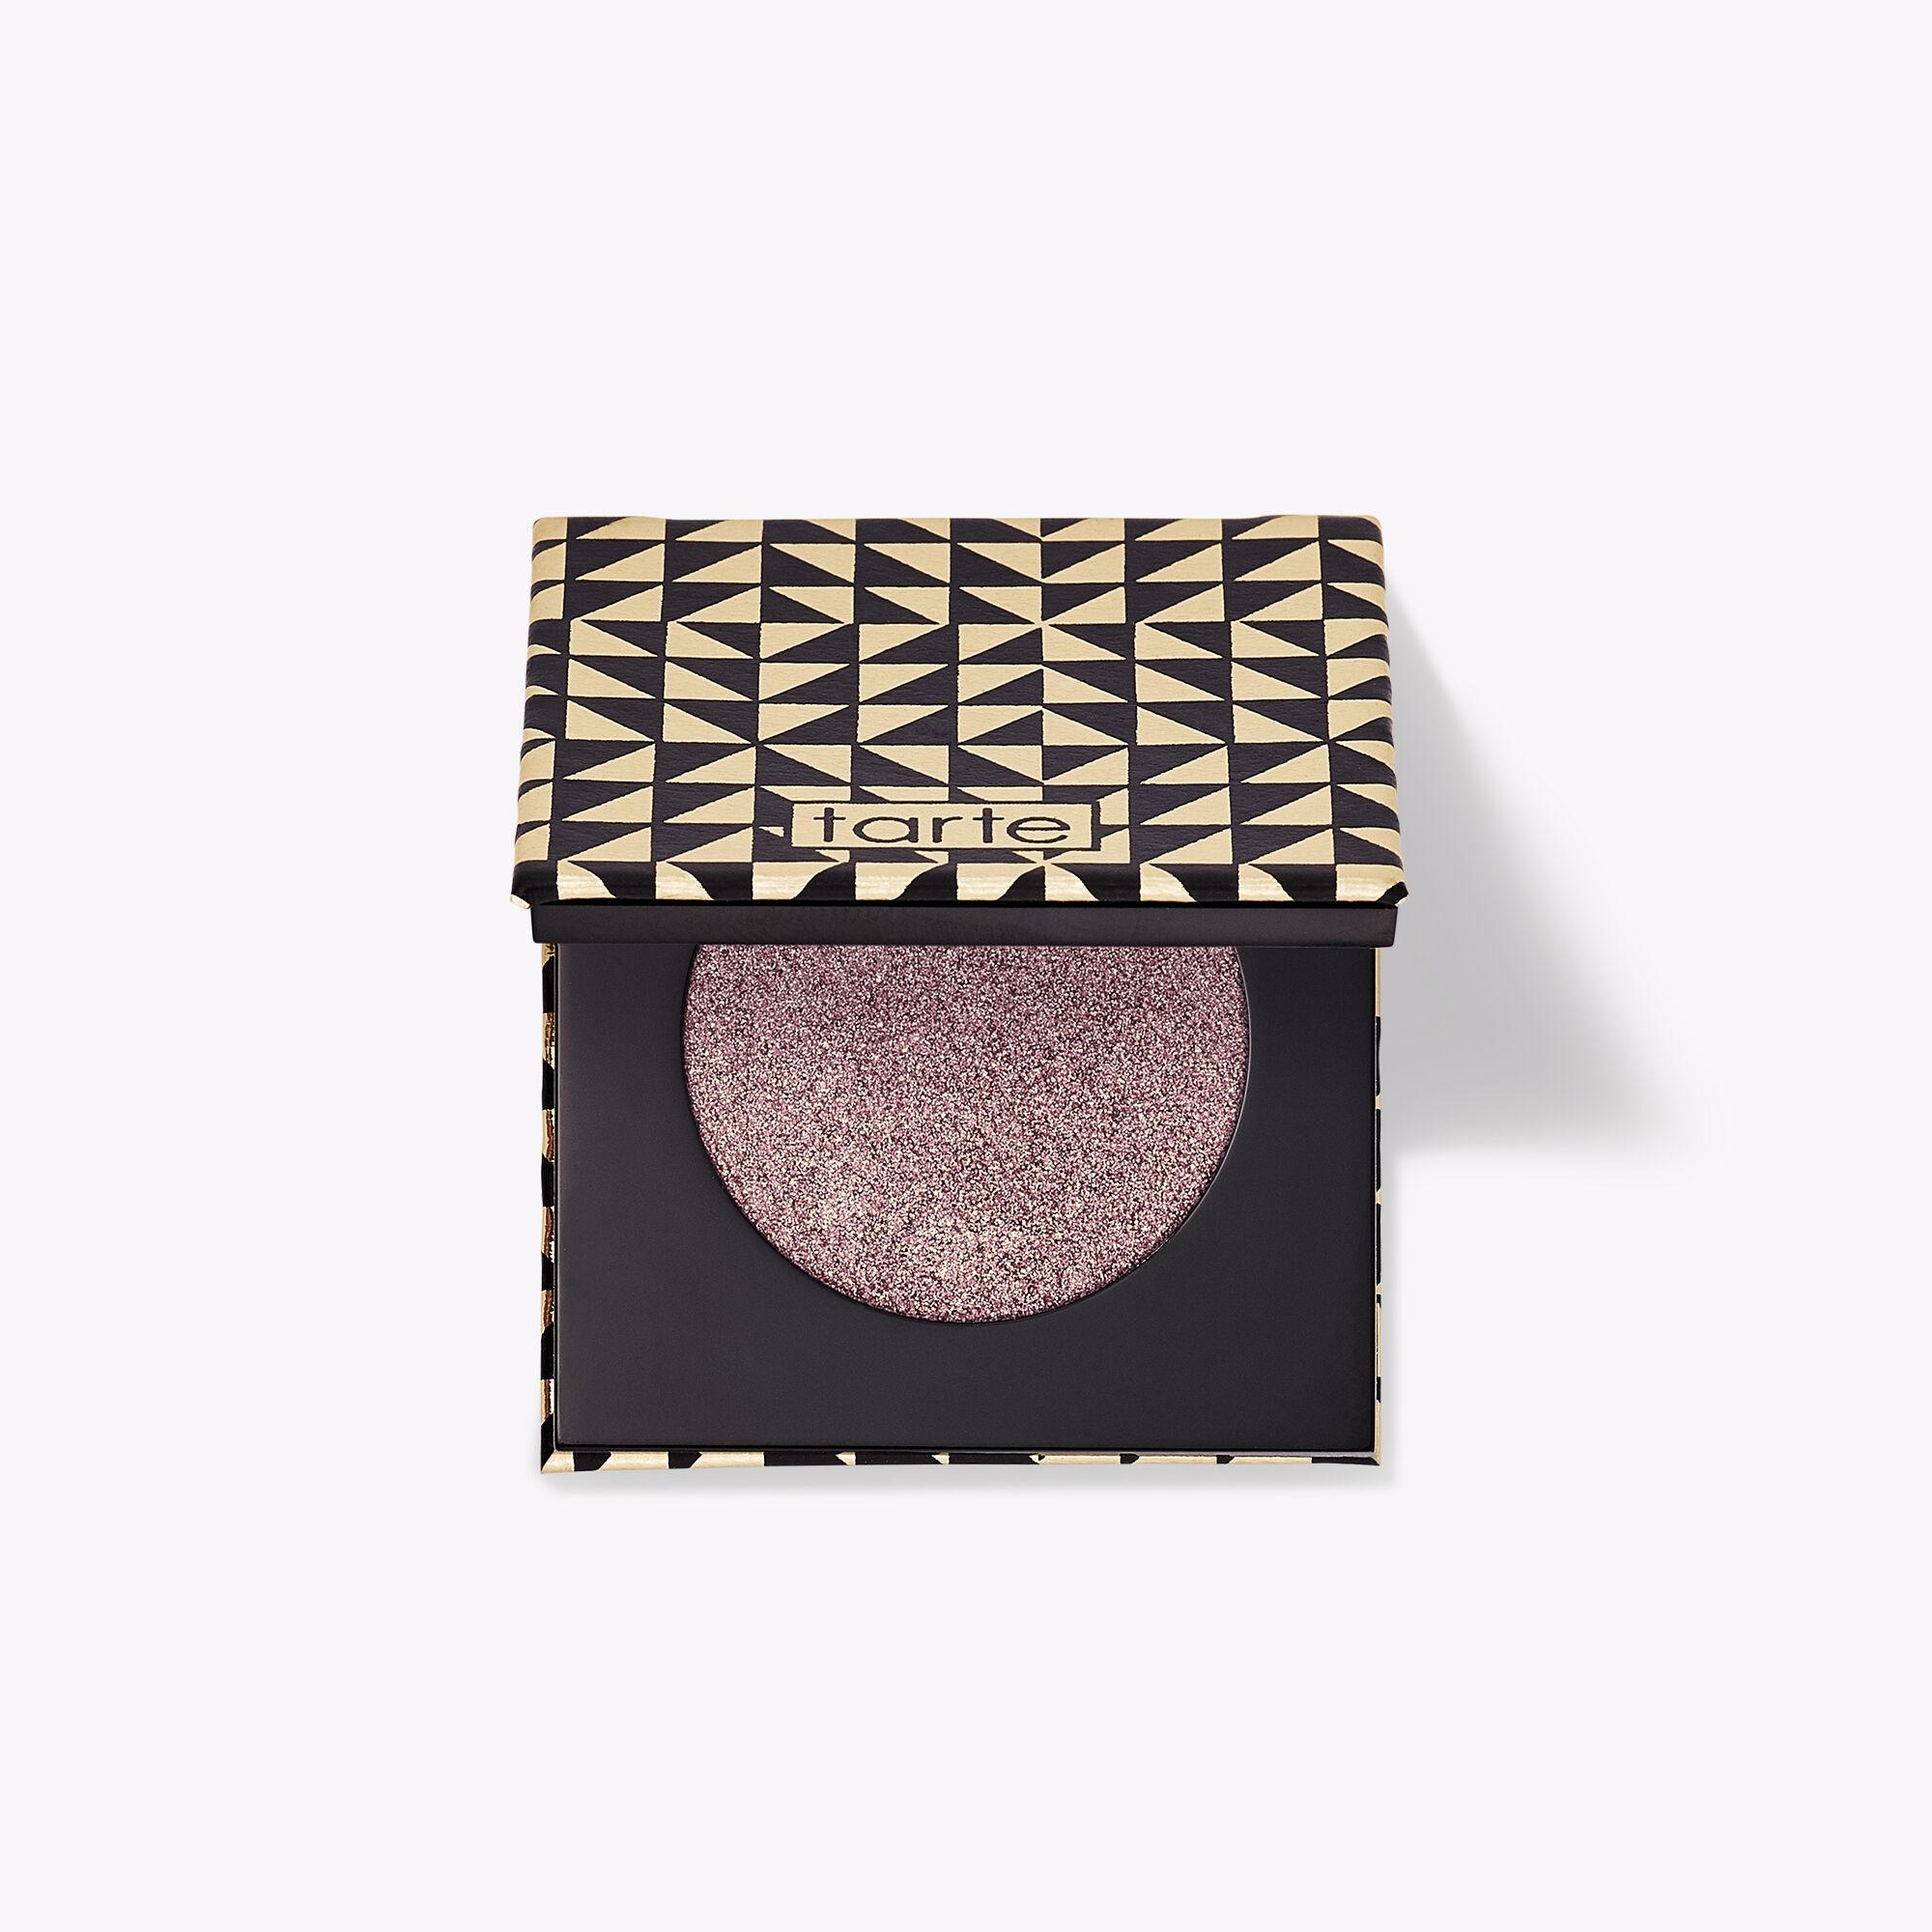 Tarte Cosmetics: Tarteist Metallic Eye Shadow (various) $5, Maneater Mascara $10 & More + Free Shipping $40+